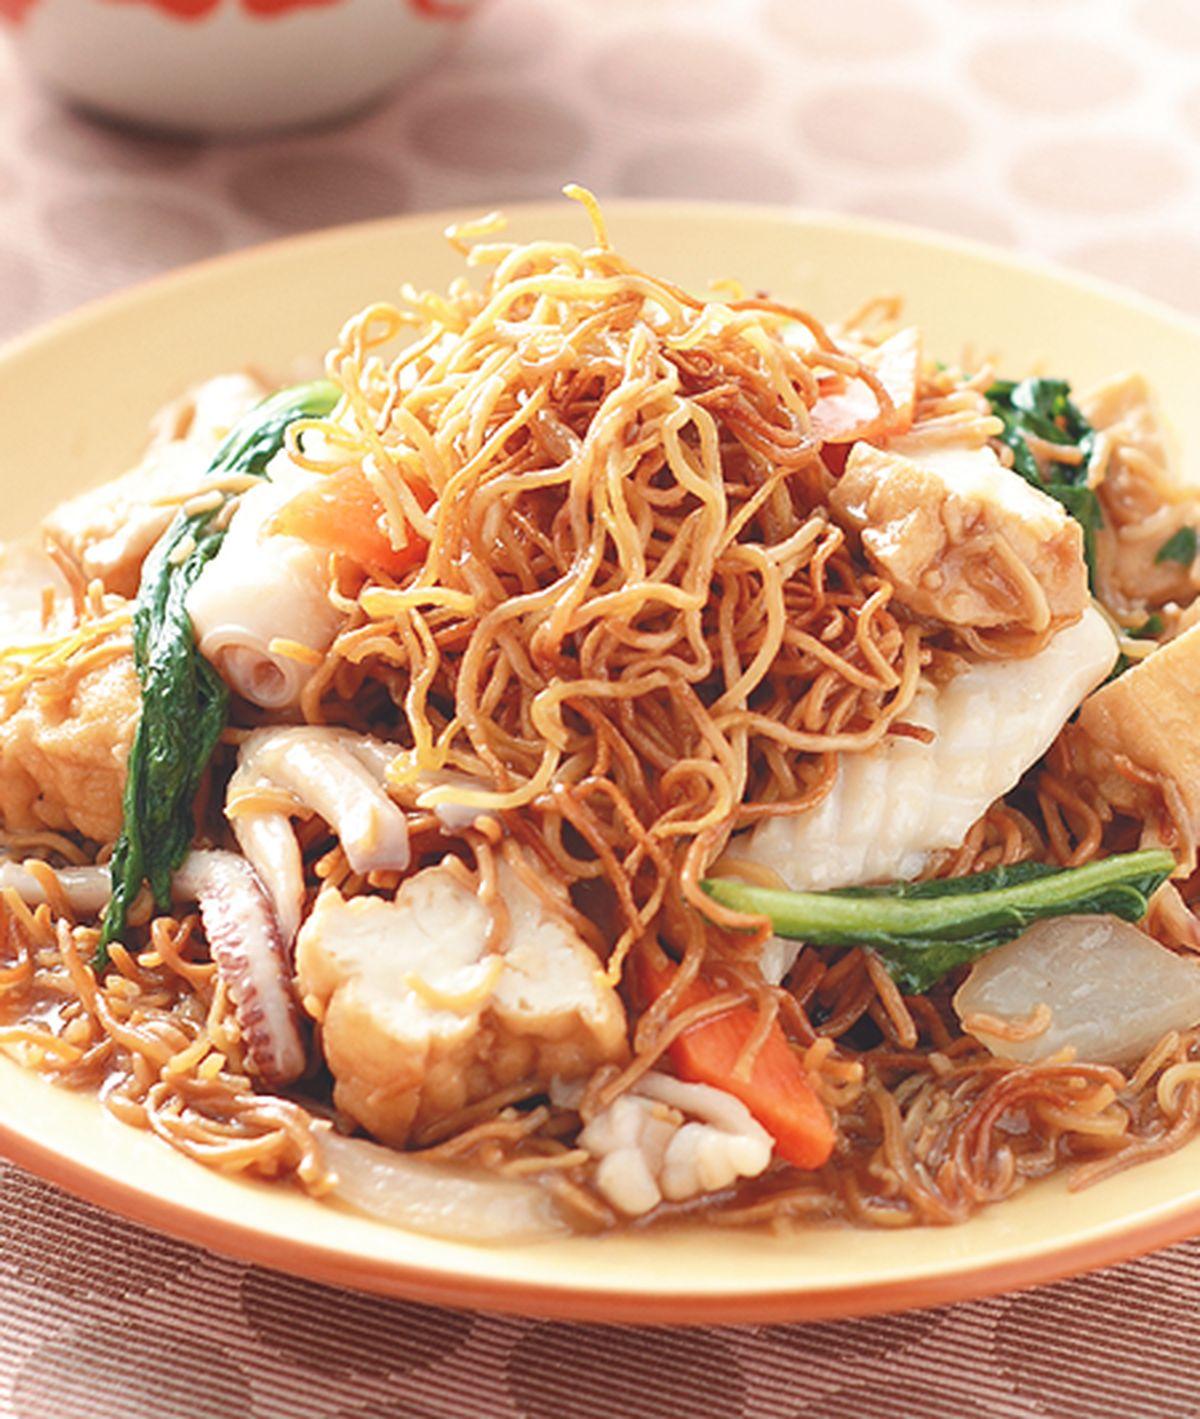 食譜:鮮魷豆腐麵